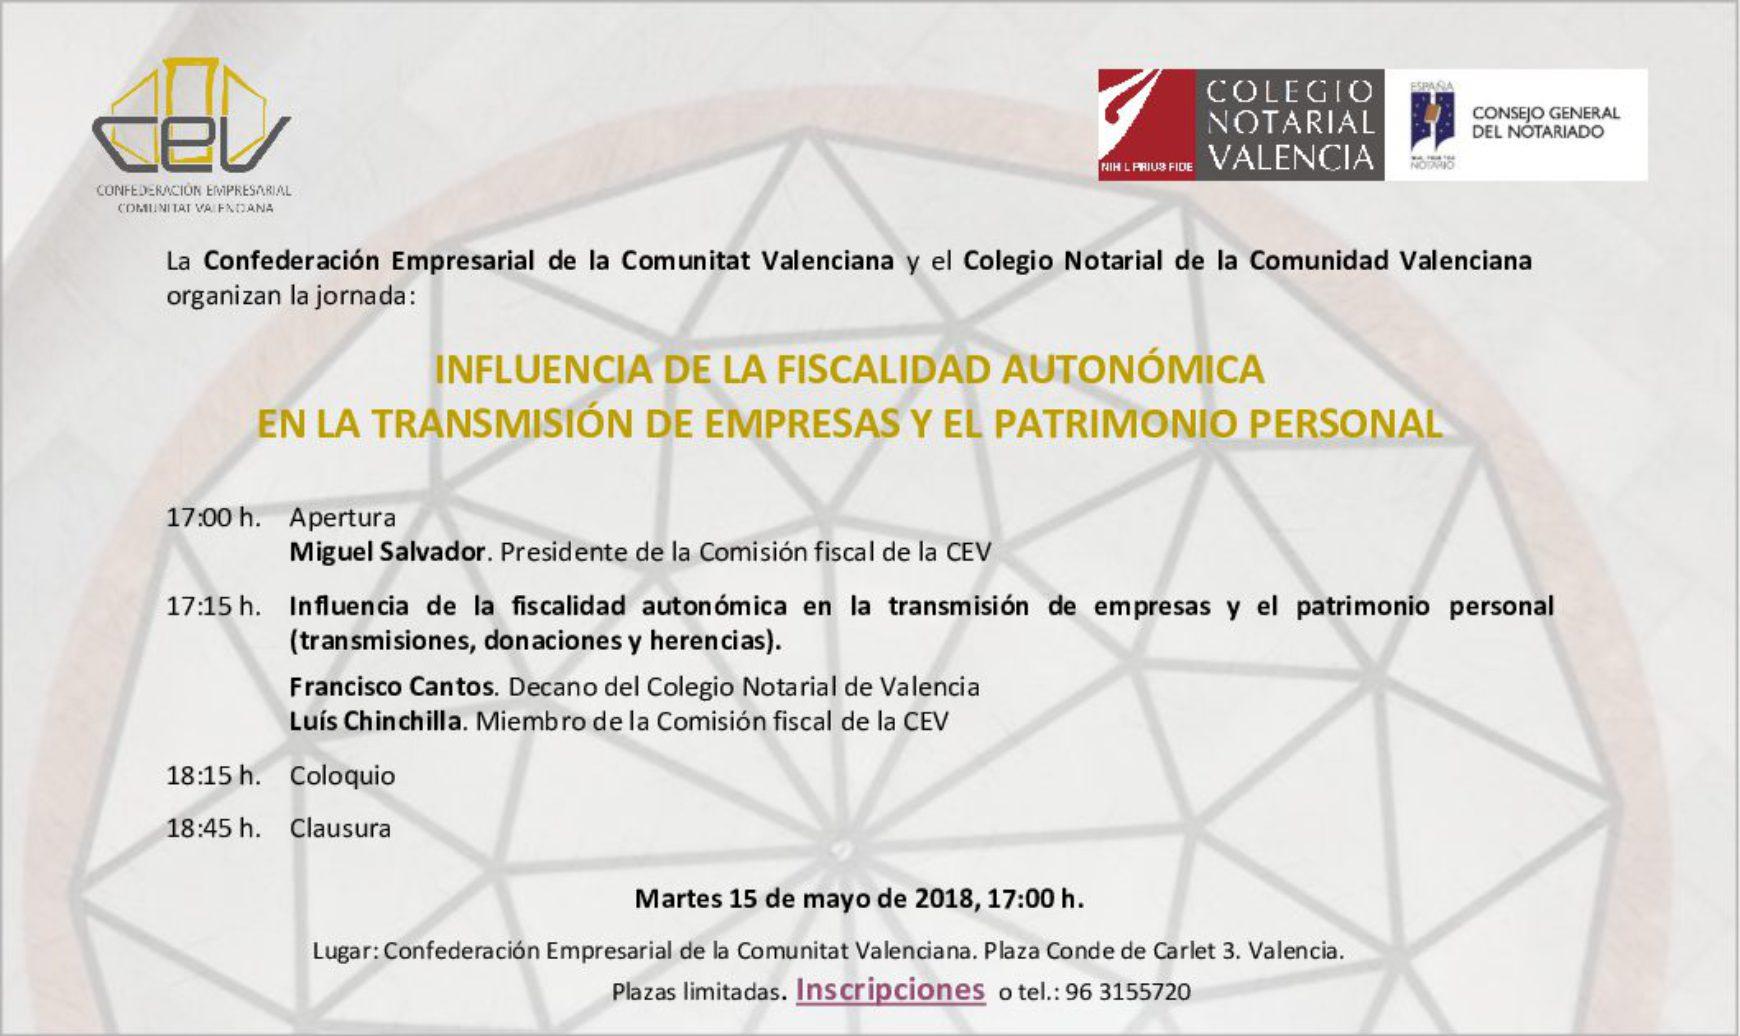 Jornada «Influencia de la Fiscalidad Autonómica en la Transmisión de Empresas y el Patrimonio Personal»